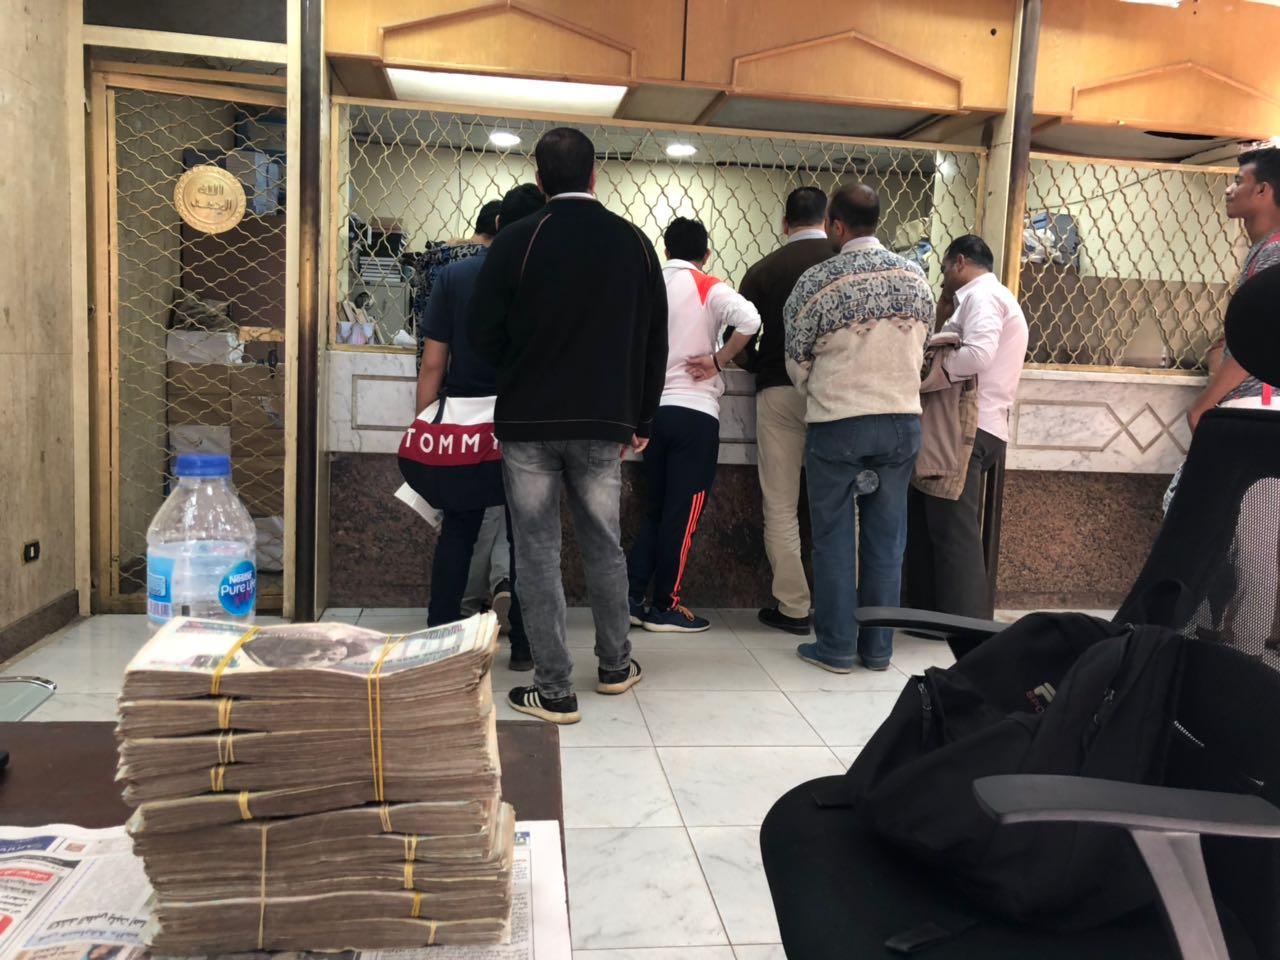 7fb4f69086cf0 https   www.youm7.com story 2018 3 5 الأهلي-يرفع-درجة-الطوارىء ...